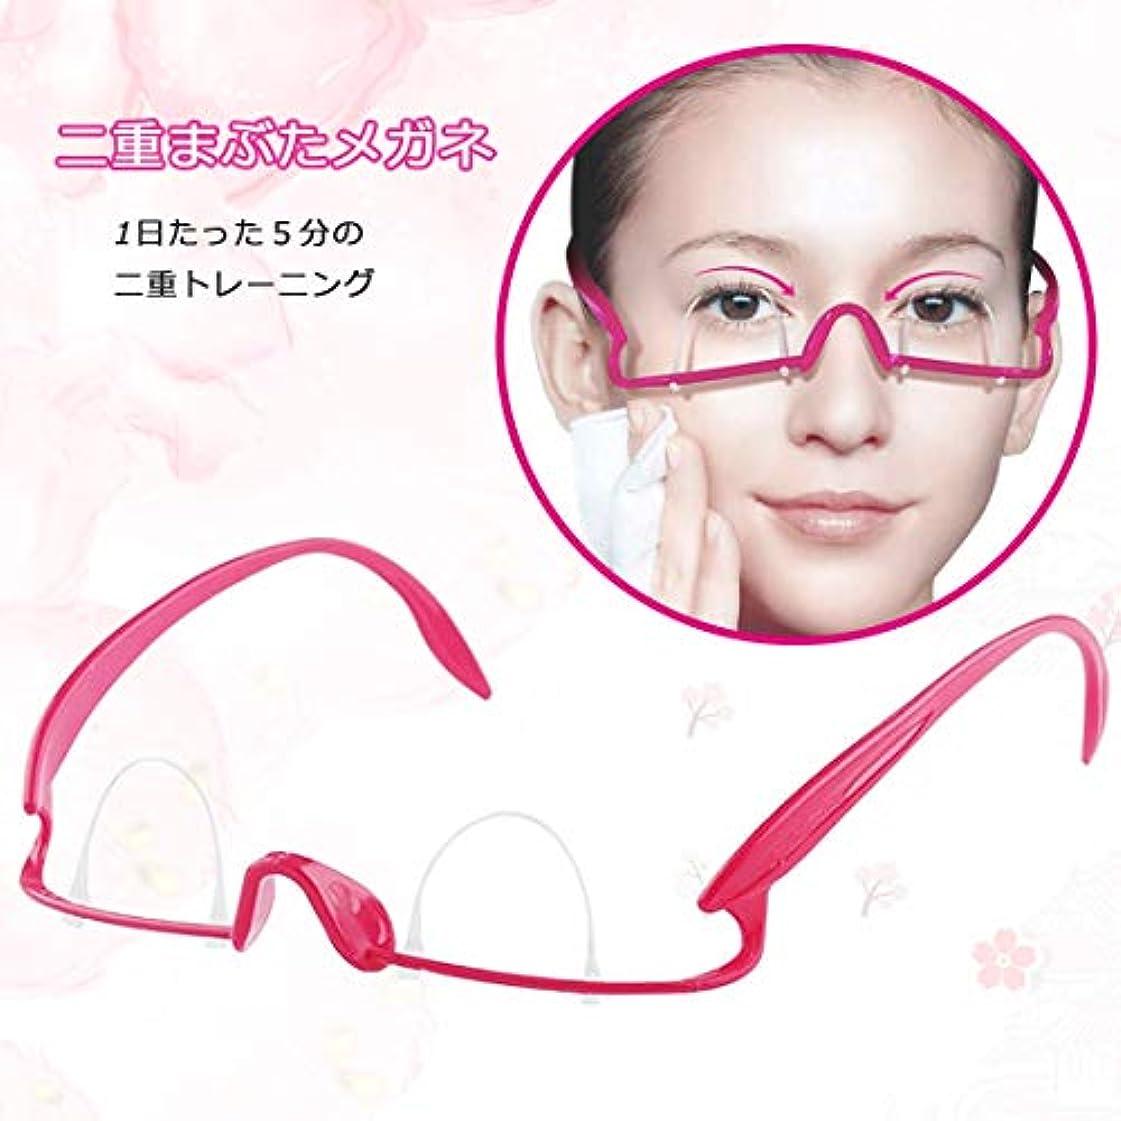 凍ったシリアル話をするXUANDONG ダブル眼瞼トレーナー 二重まぶたメガネ 二重まぶたツール メイクツール 簡単 軽量 便利 二重まぶた定型訓練器(ローズレッド)